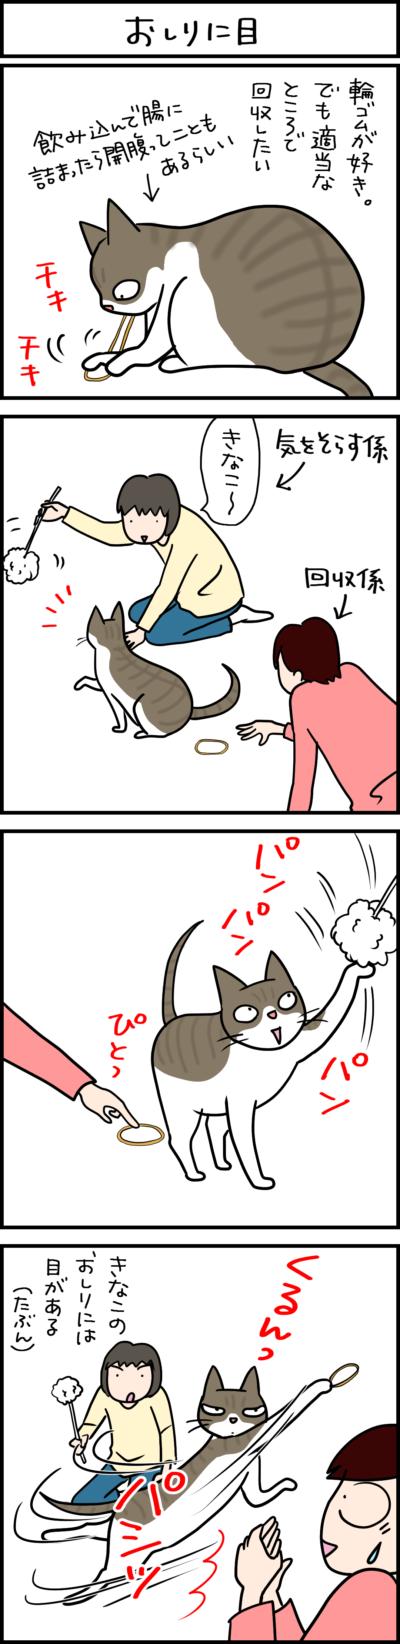 目が後ろにあるんじゃないかと思うネコの行動の4コマ猫まんが